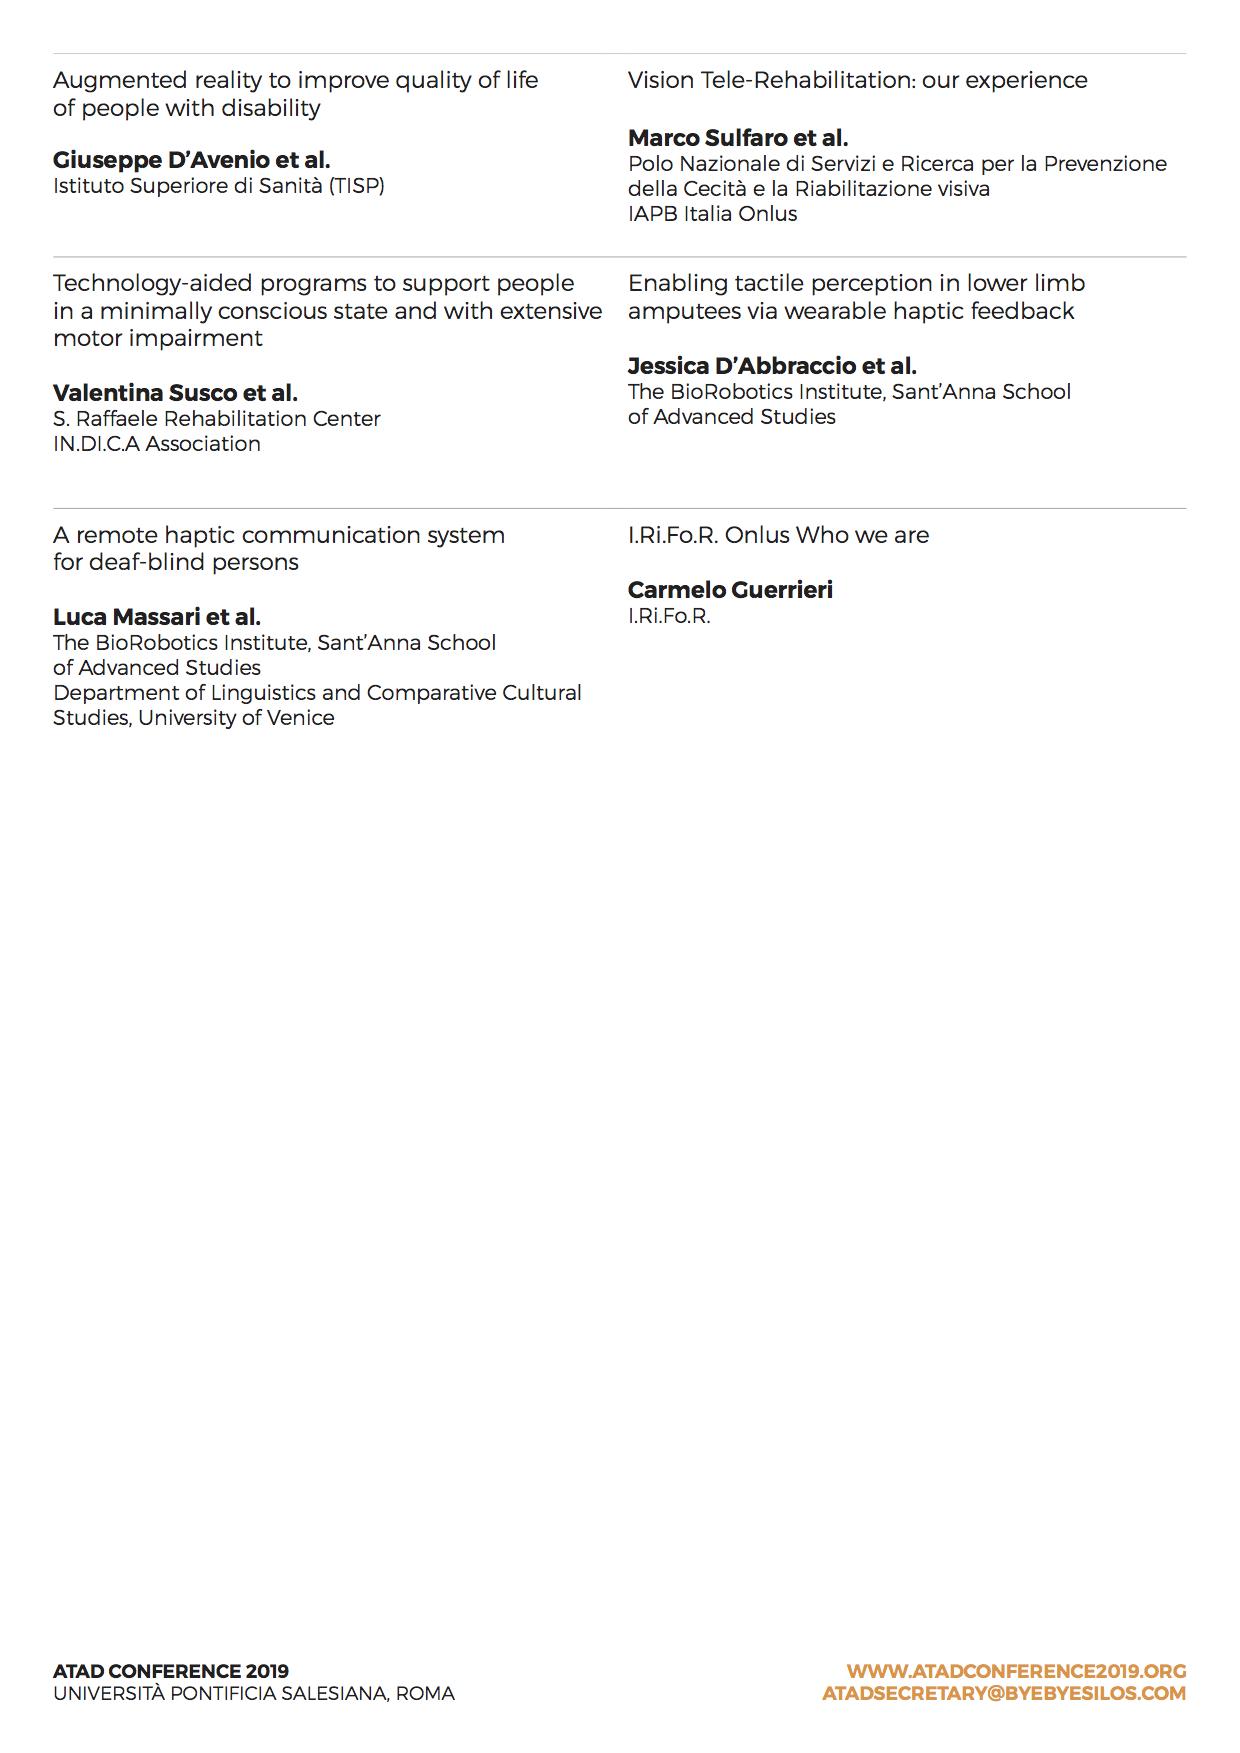 ATAD19_Programme_eng7